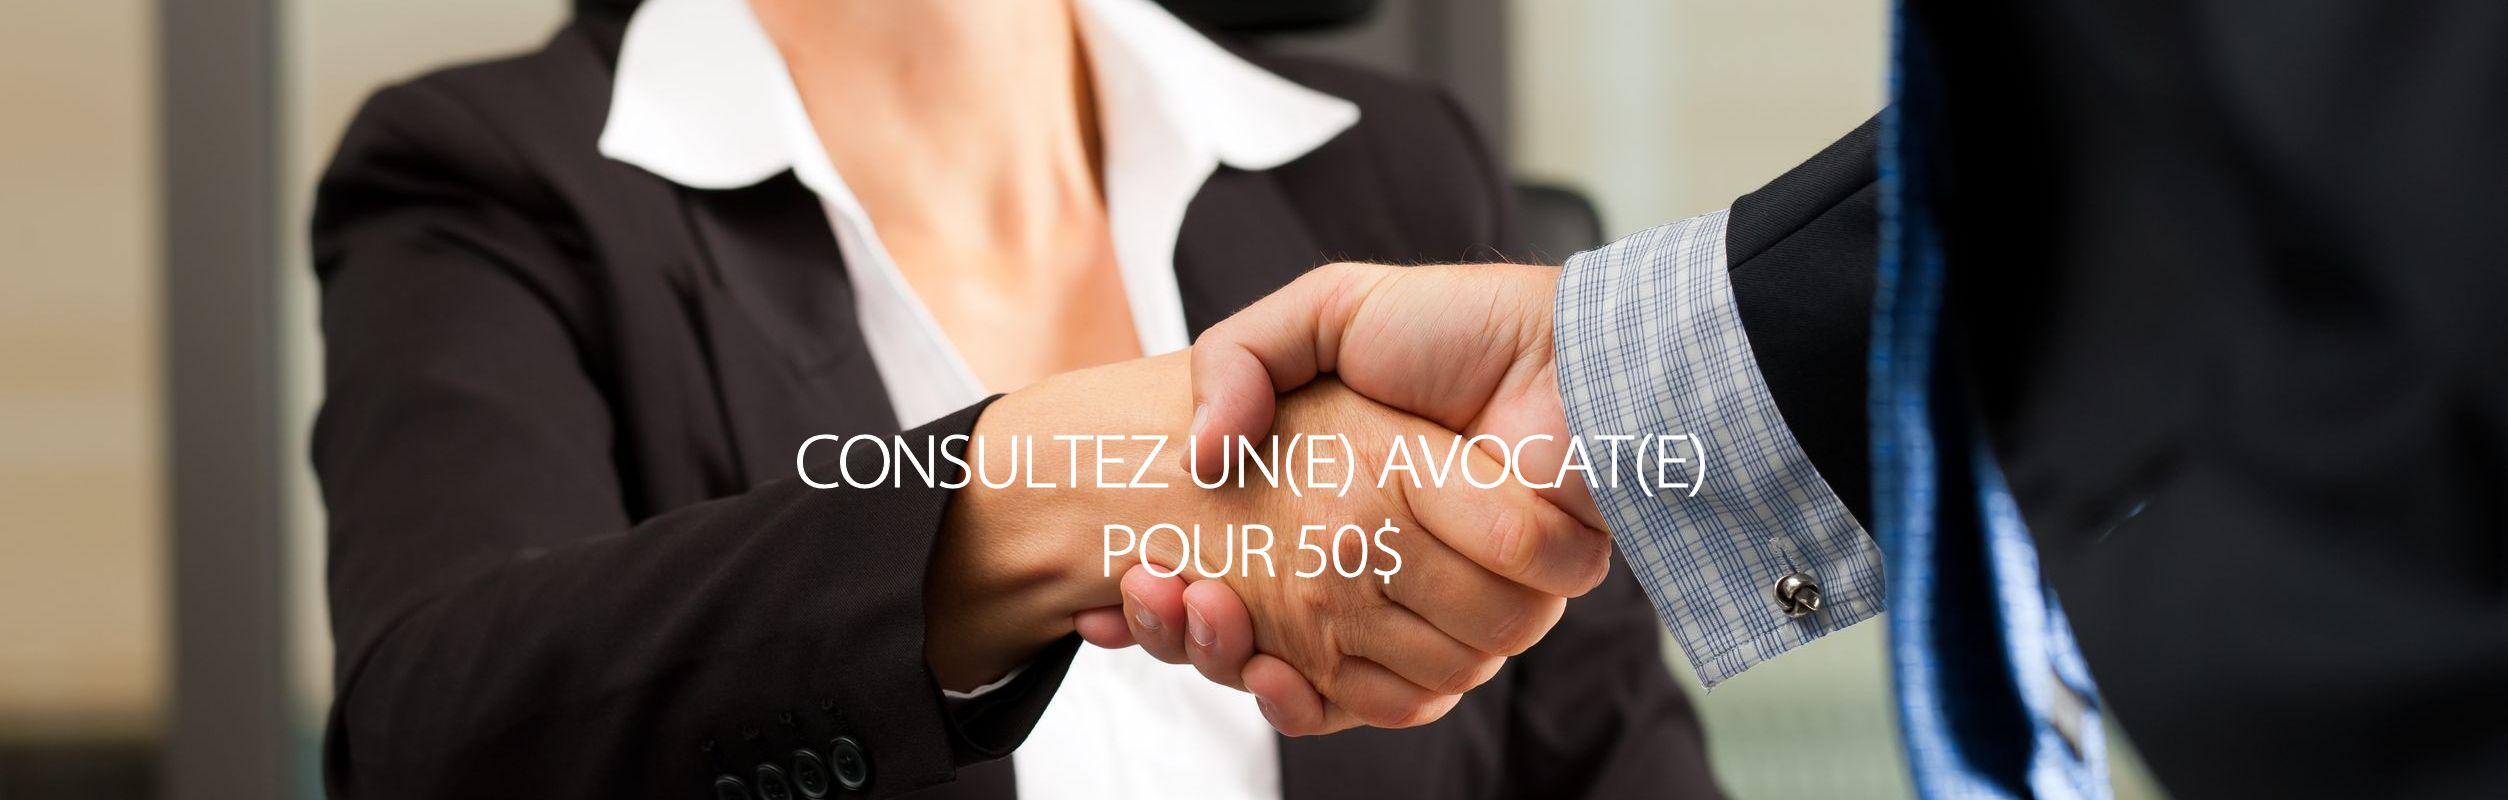 Consultations d'avocats à bon prix